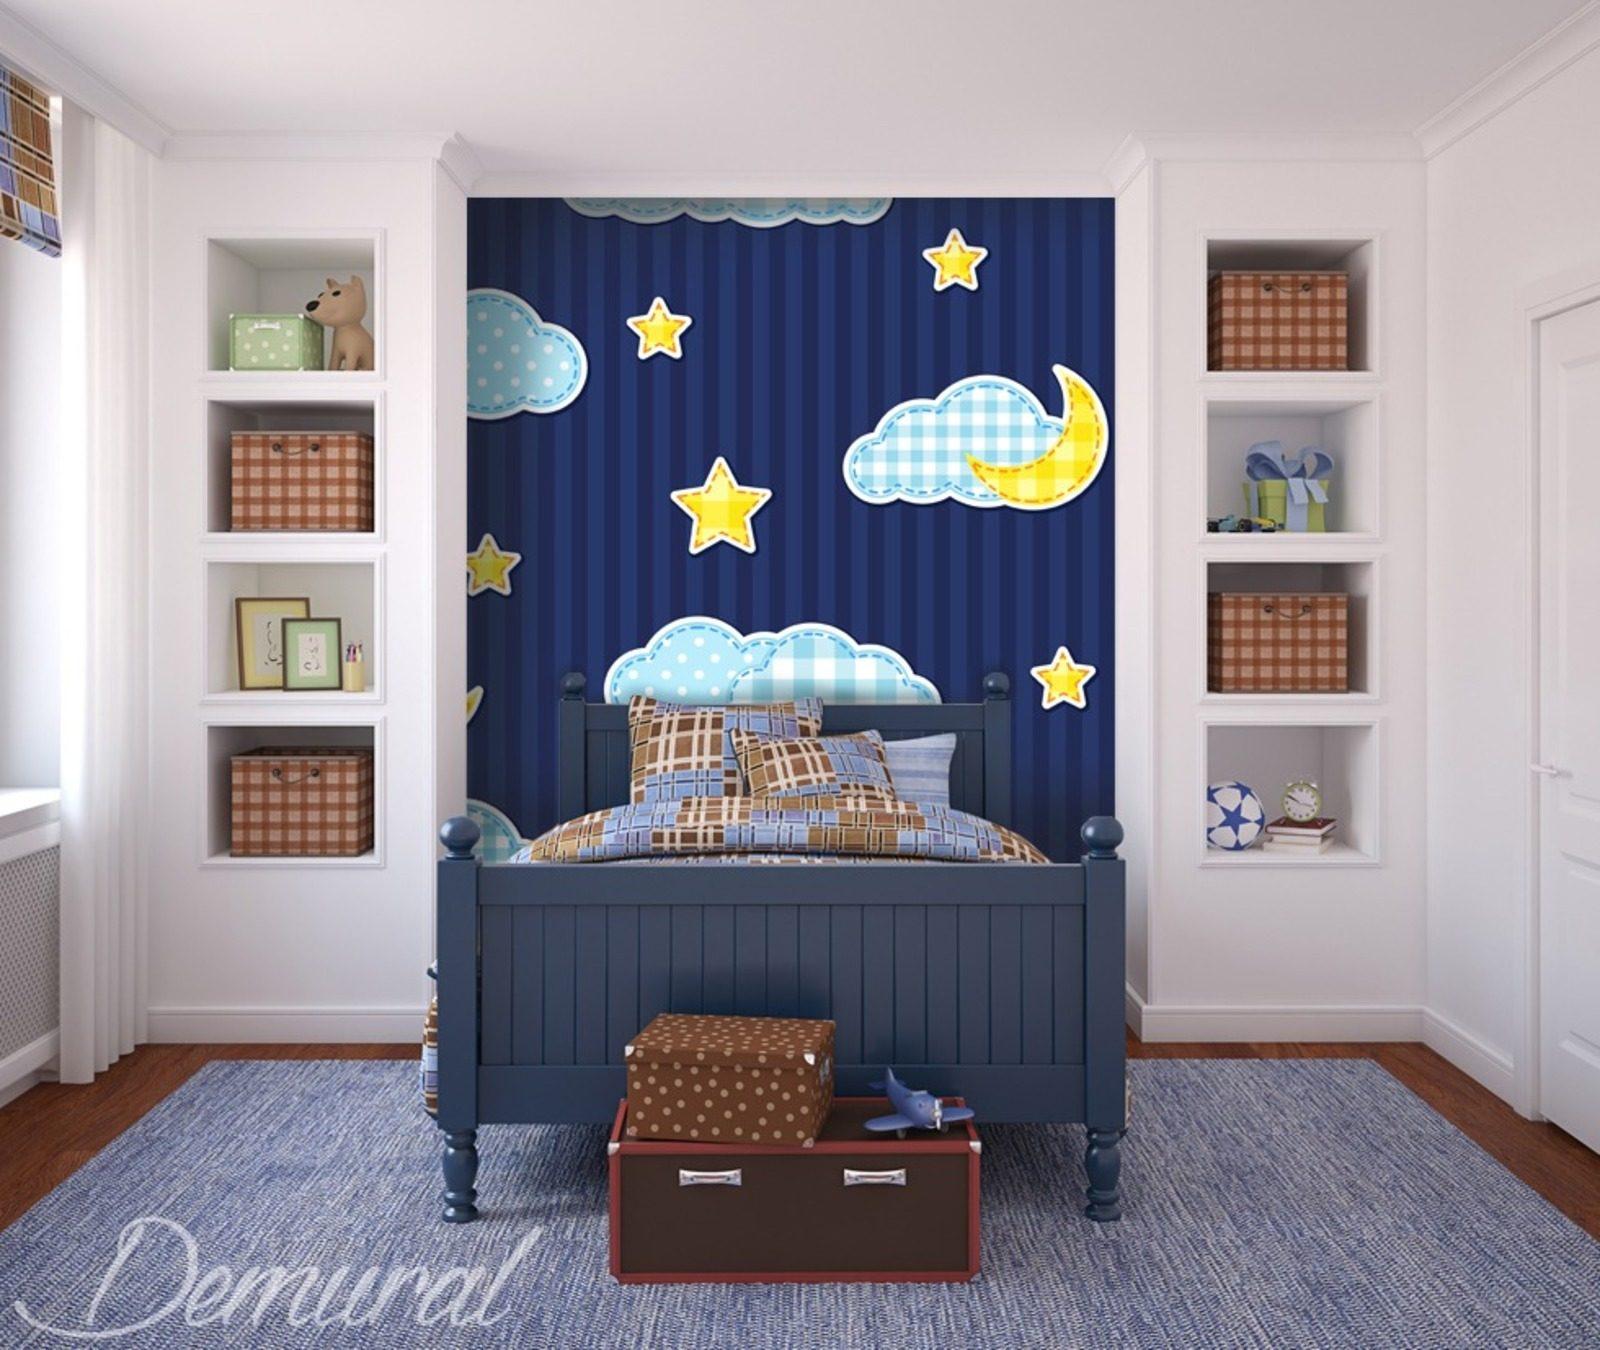 Papier peint pour chambre garcon - Papier peint pour chambre garcon ...